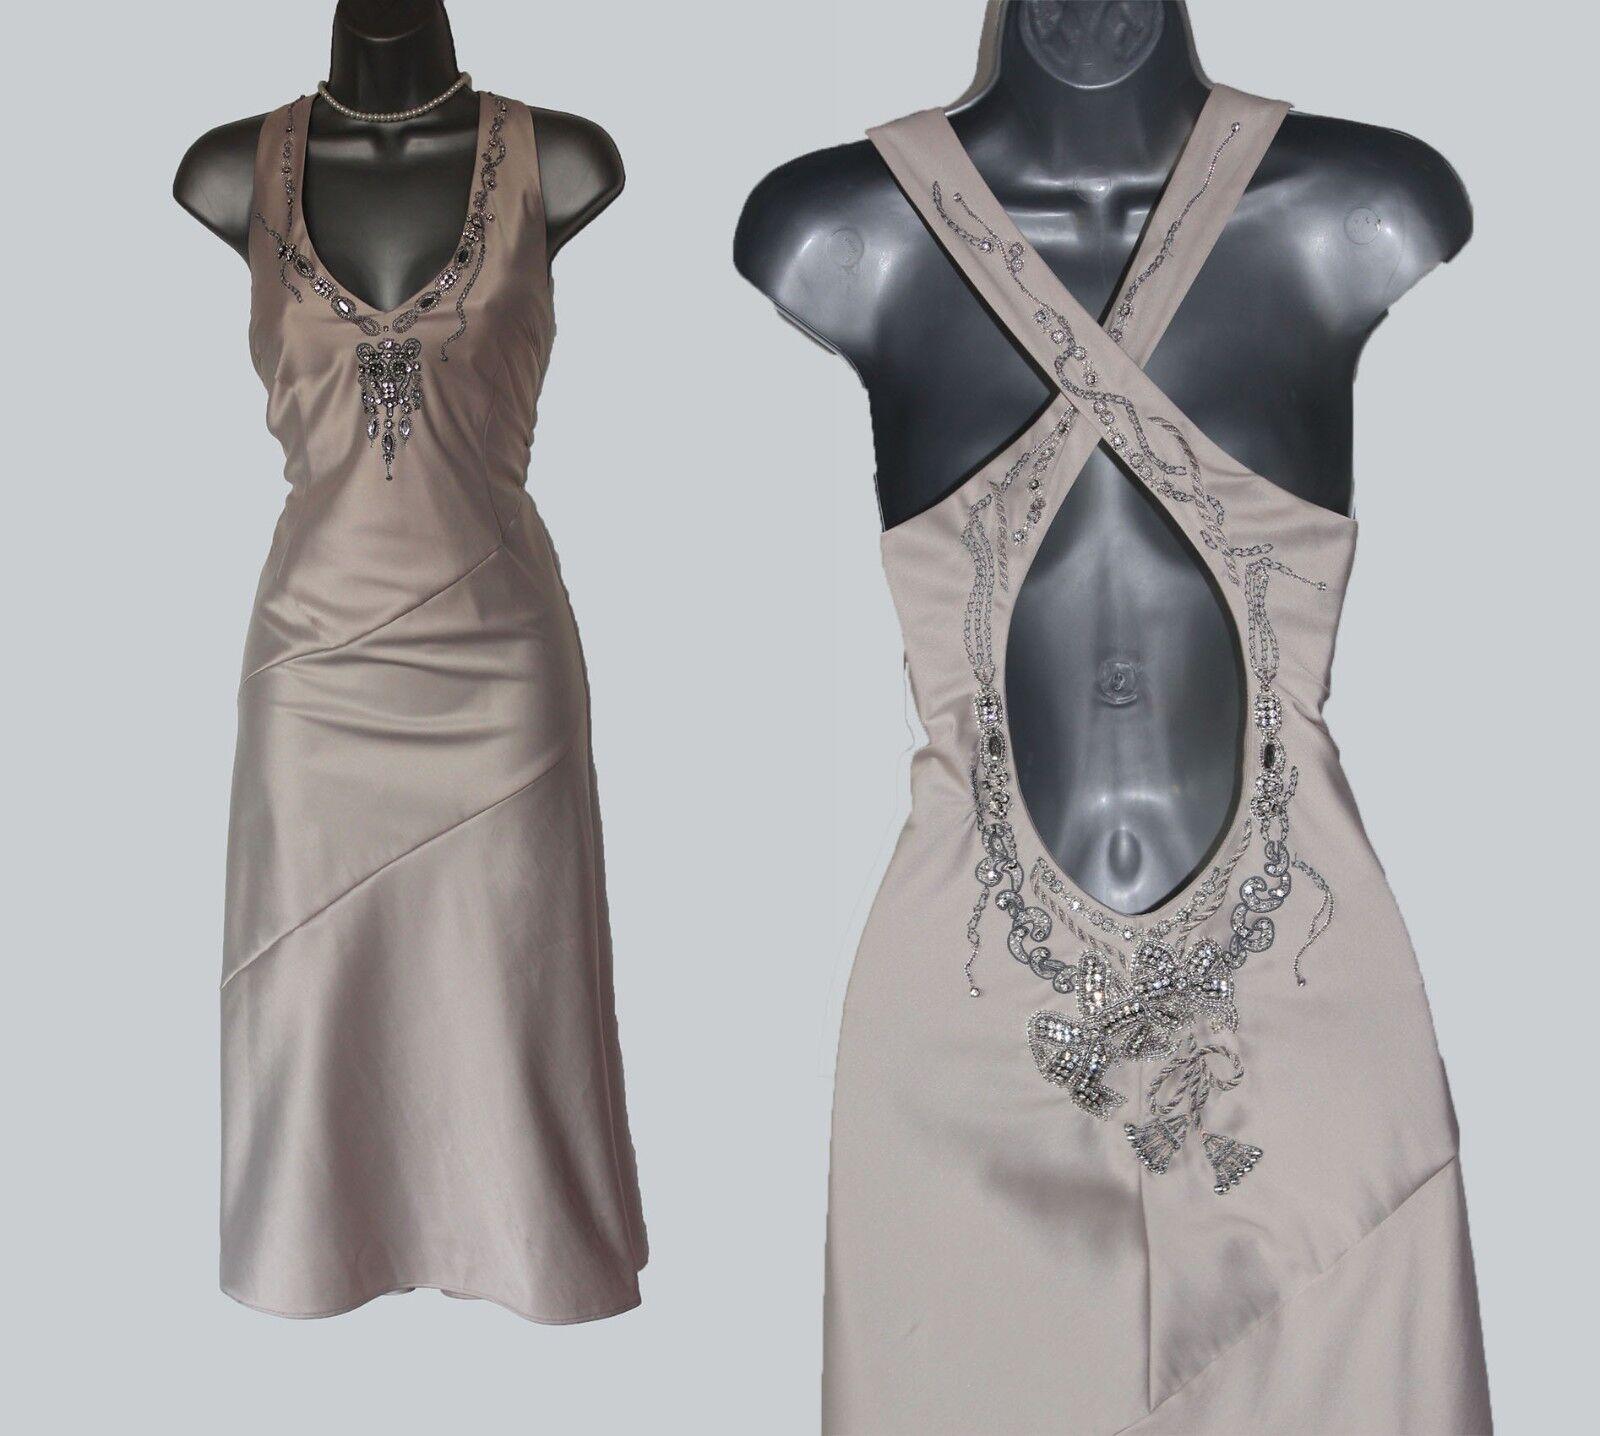 Einzigartig Karen Millen UK 12 Beige Schmuck Hals Griechisch Glamour Kleid